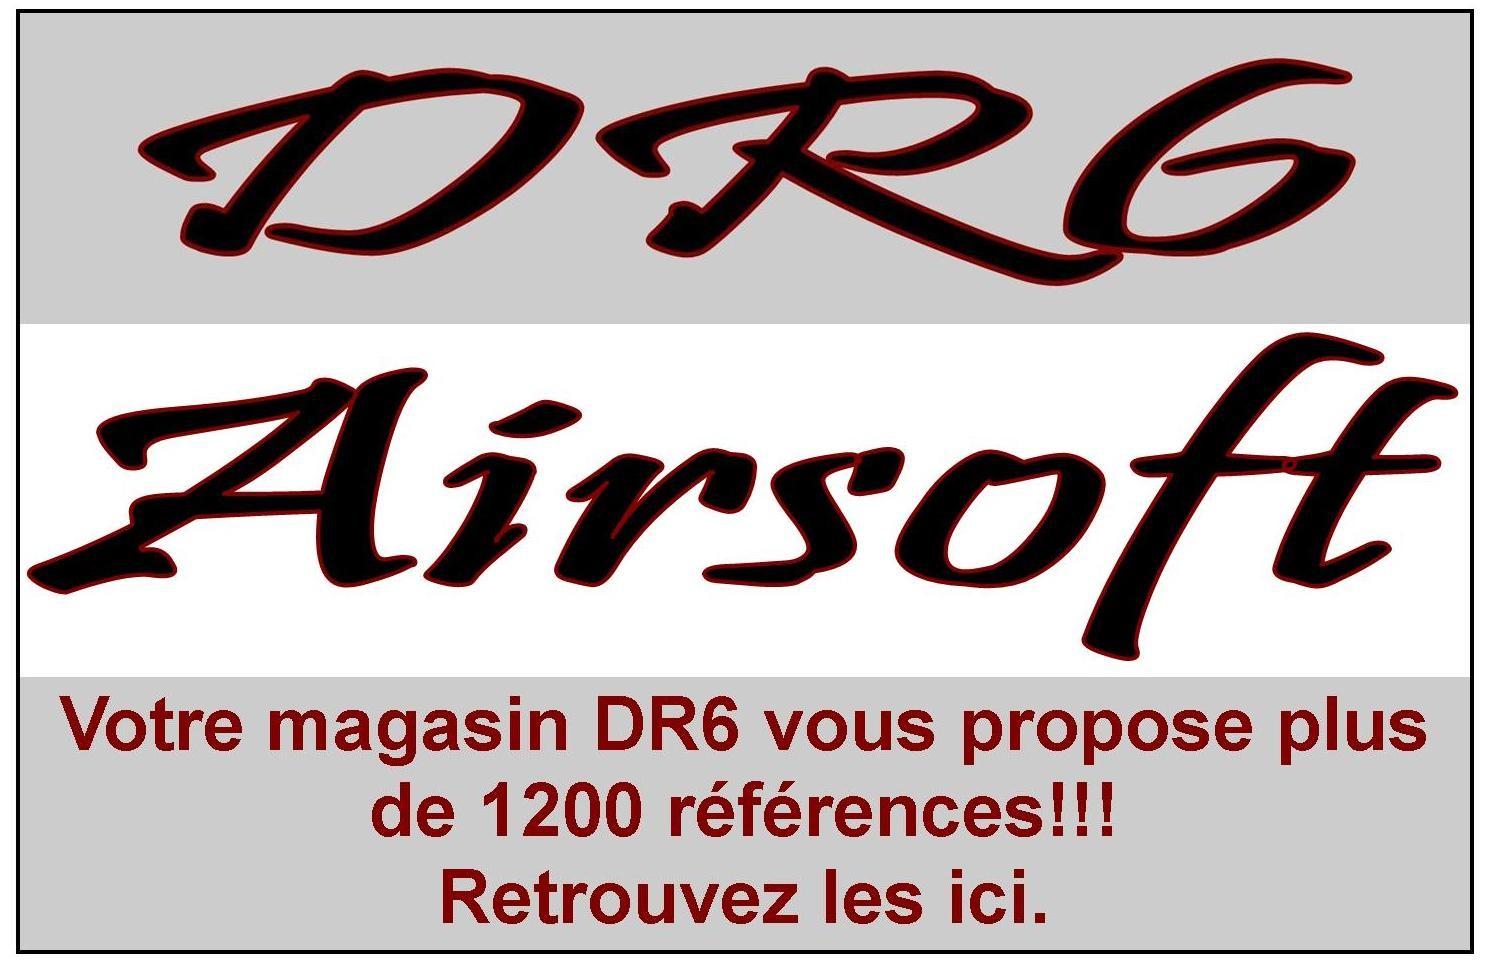 Votre magasin DR6 vous propose plus de 1200 références dans sa gamme airsoft.